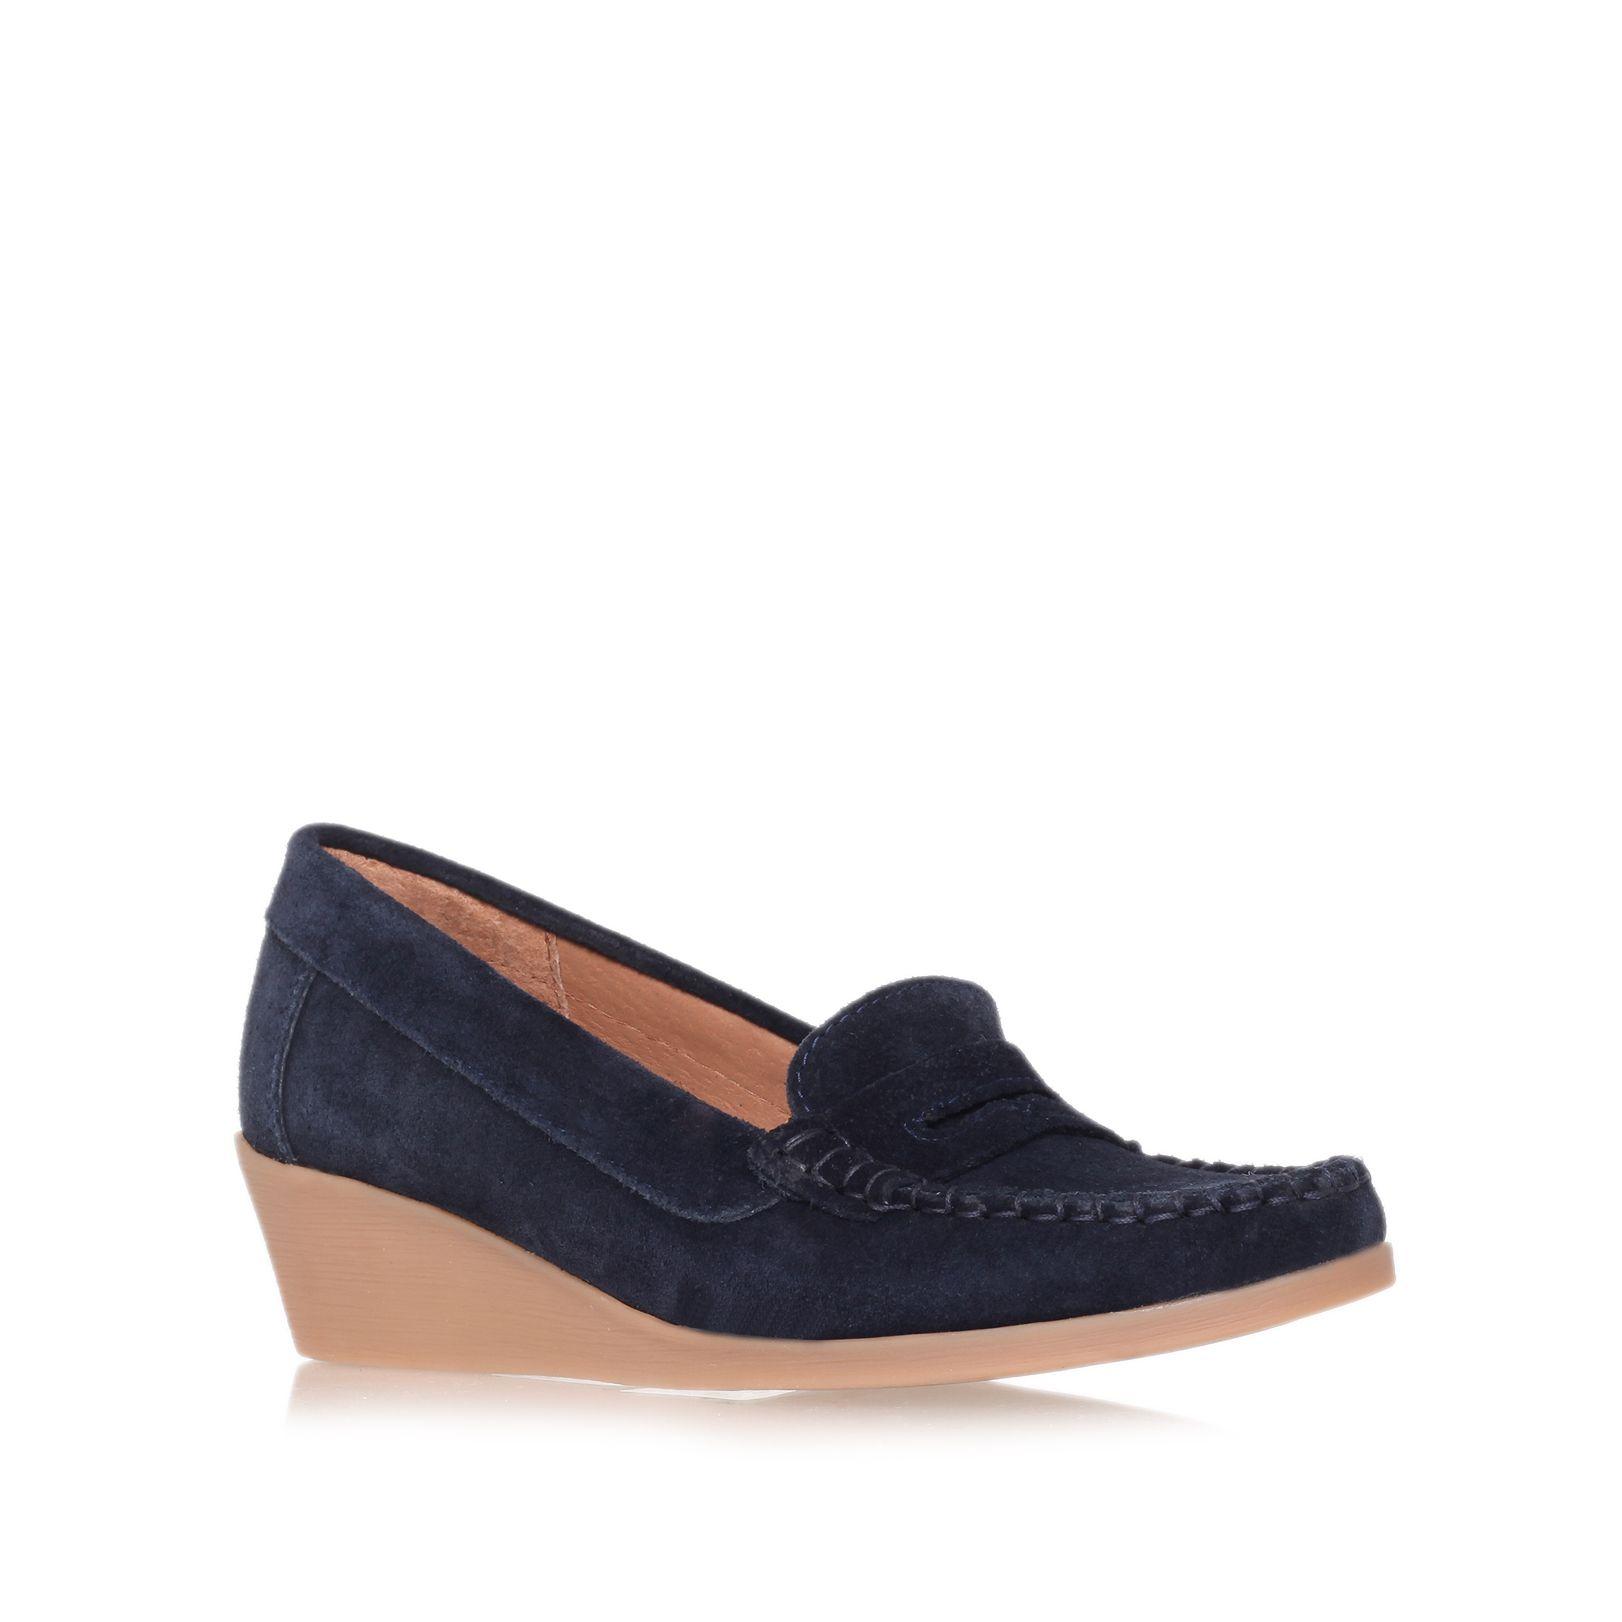 Loretta Shoes Uk